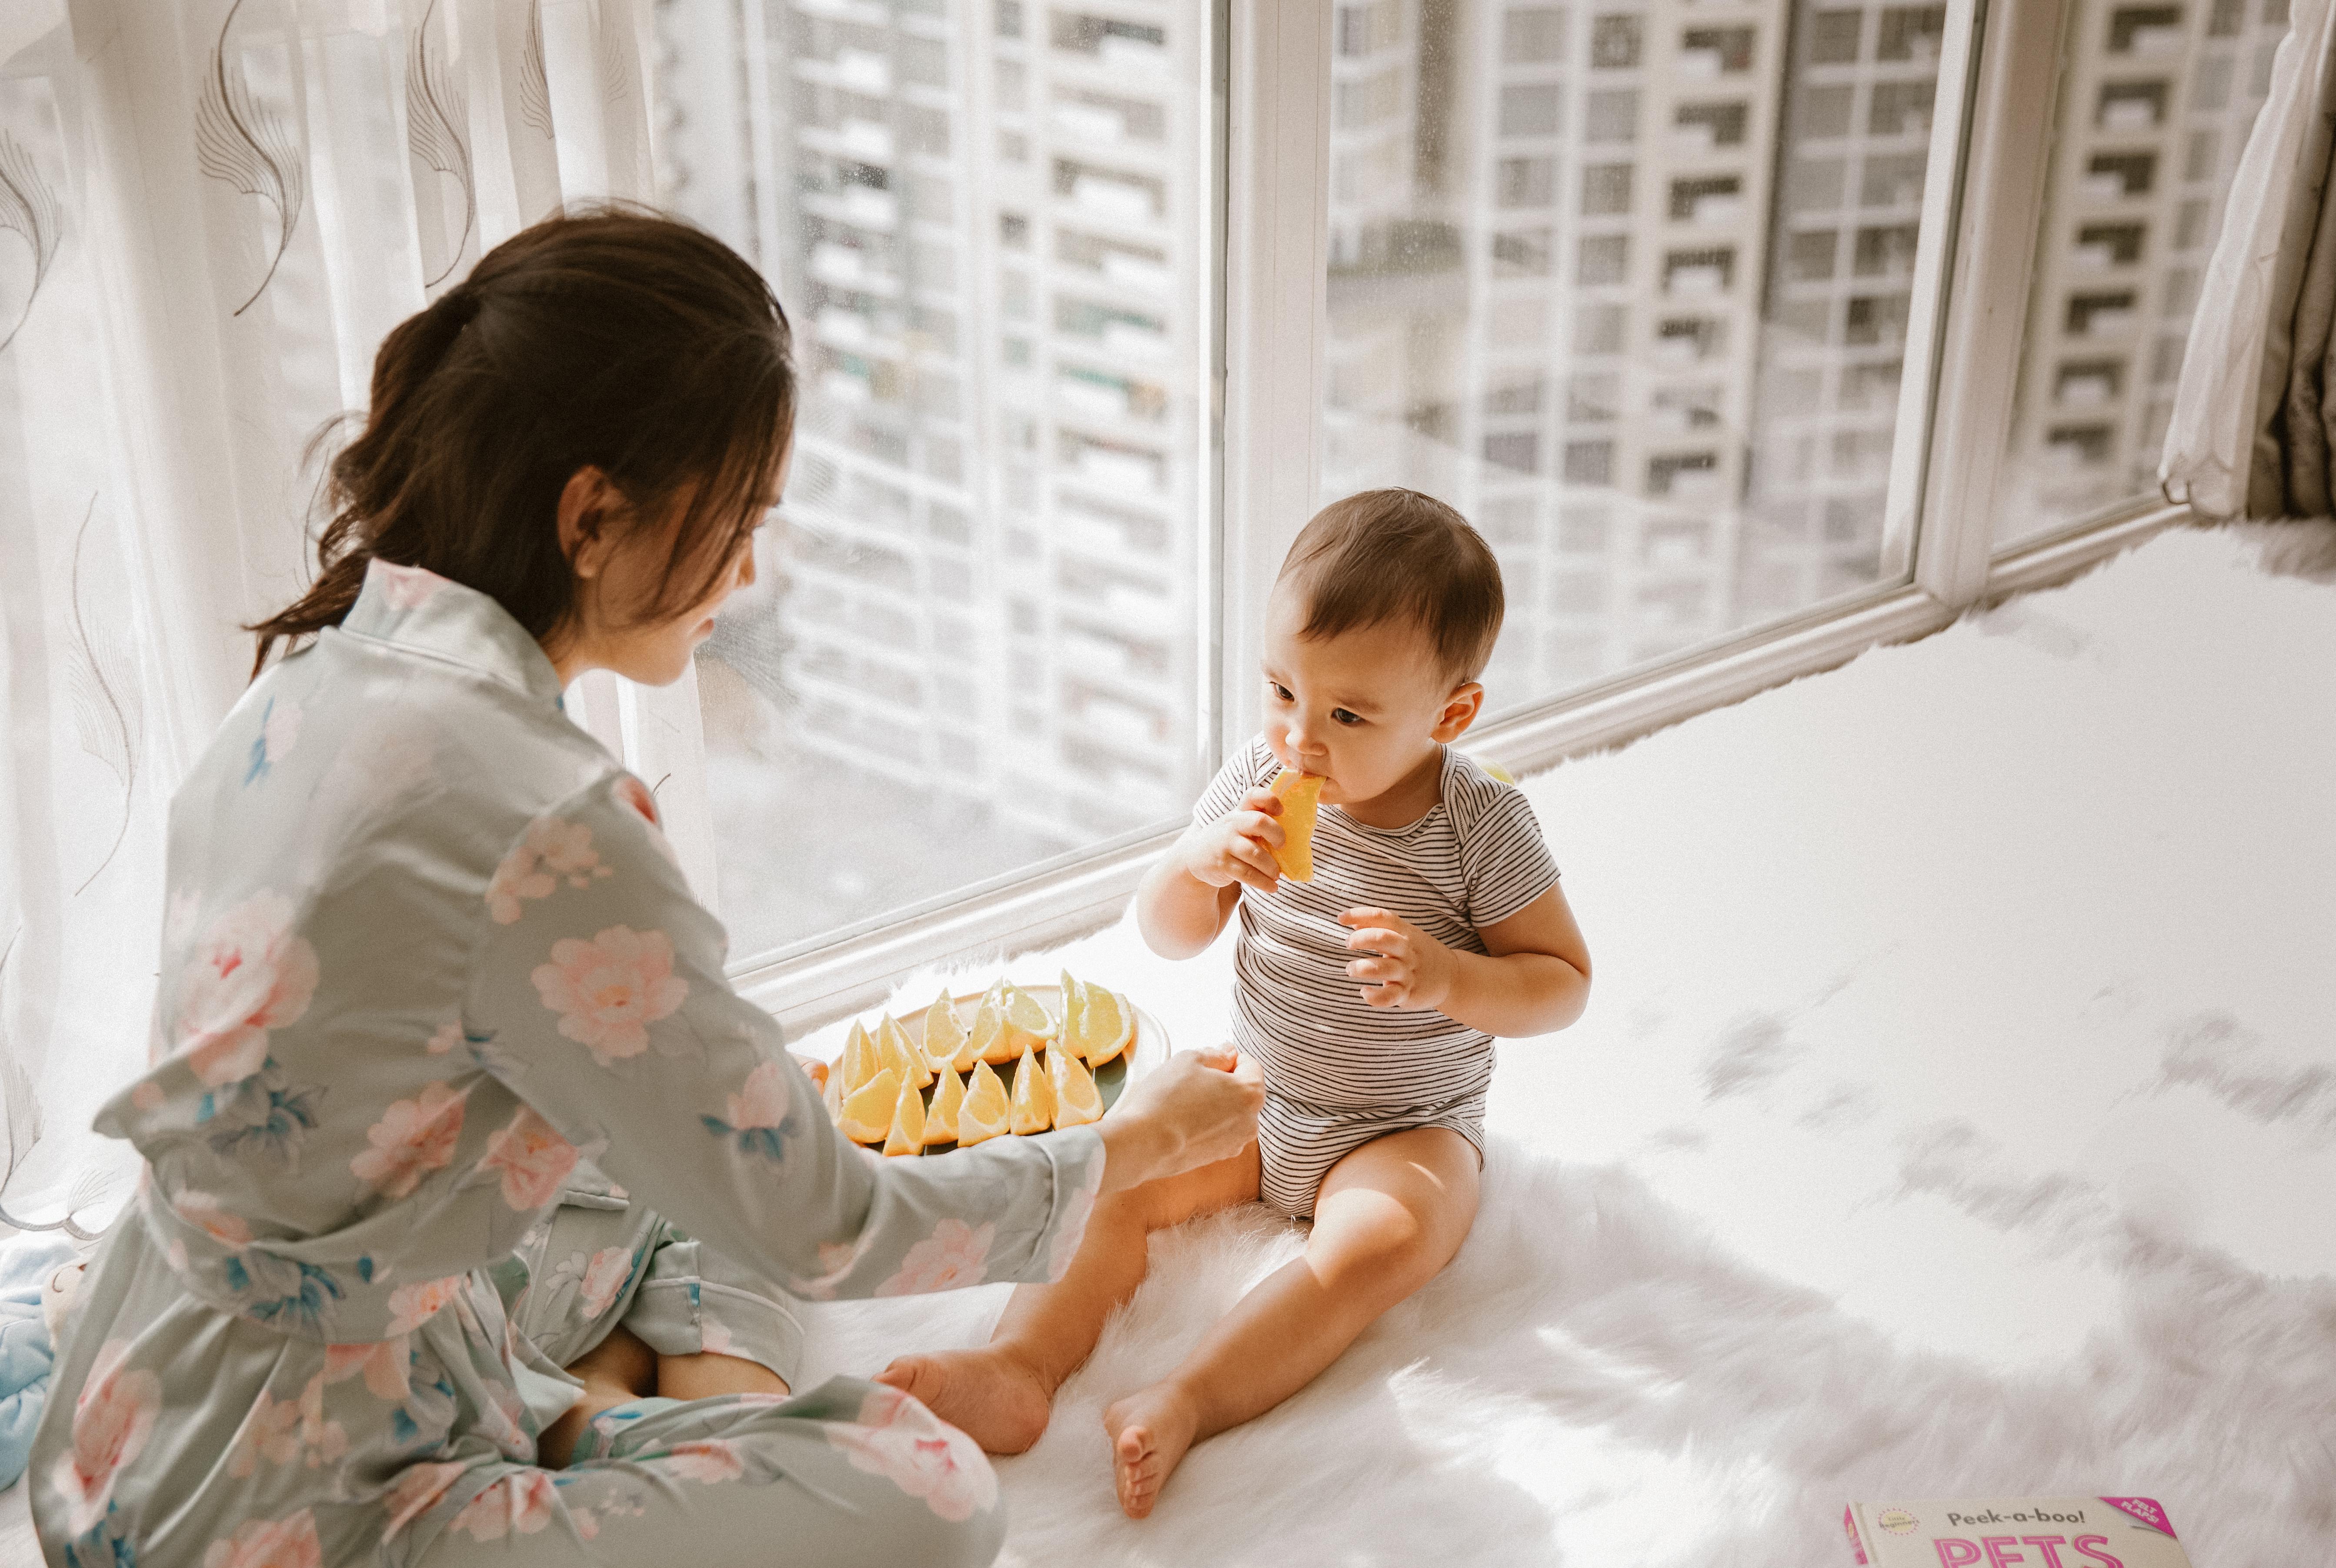 """Hot mom và nữ CEO chia sẻ cuộc sống sau gần 1 tháng cách ly """"thông minh"""" tại nhà cùng con nhỏ và sự chuẩn bị để trở lại cuộc sống hậu dịch - Ảnh 4."""